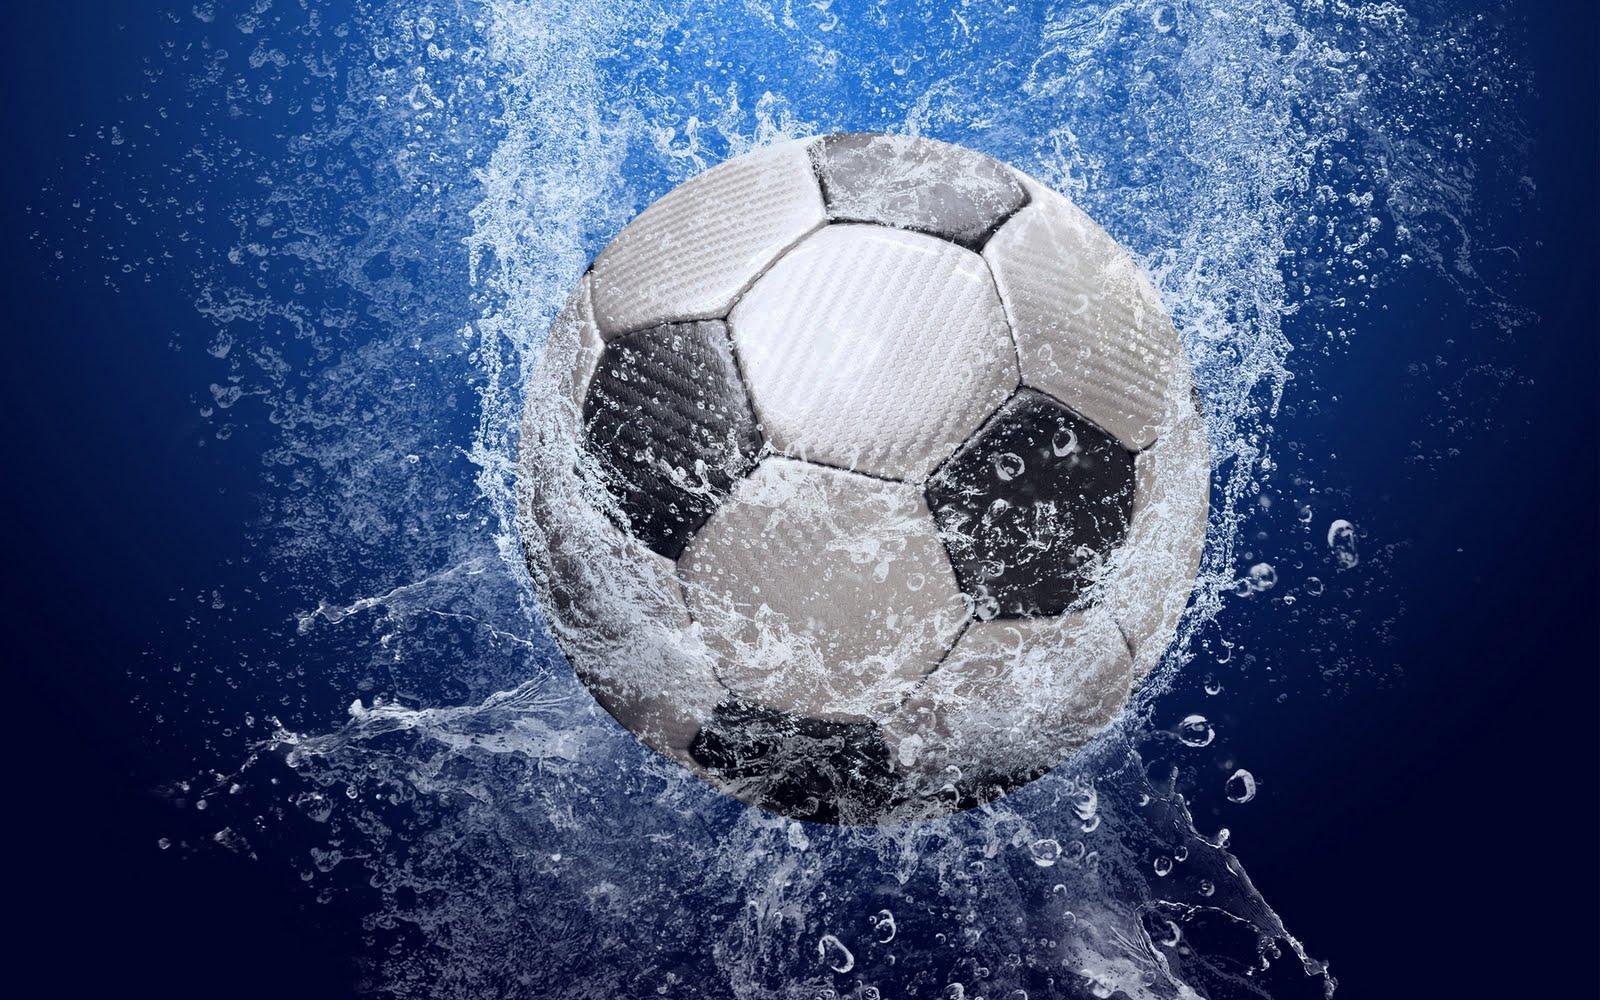 Футбольный мяч, обои для рабочего стола, спорт